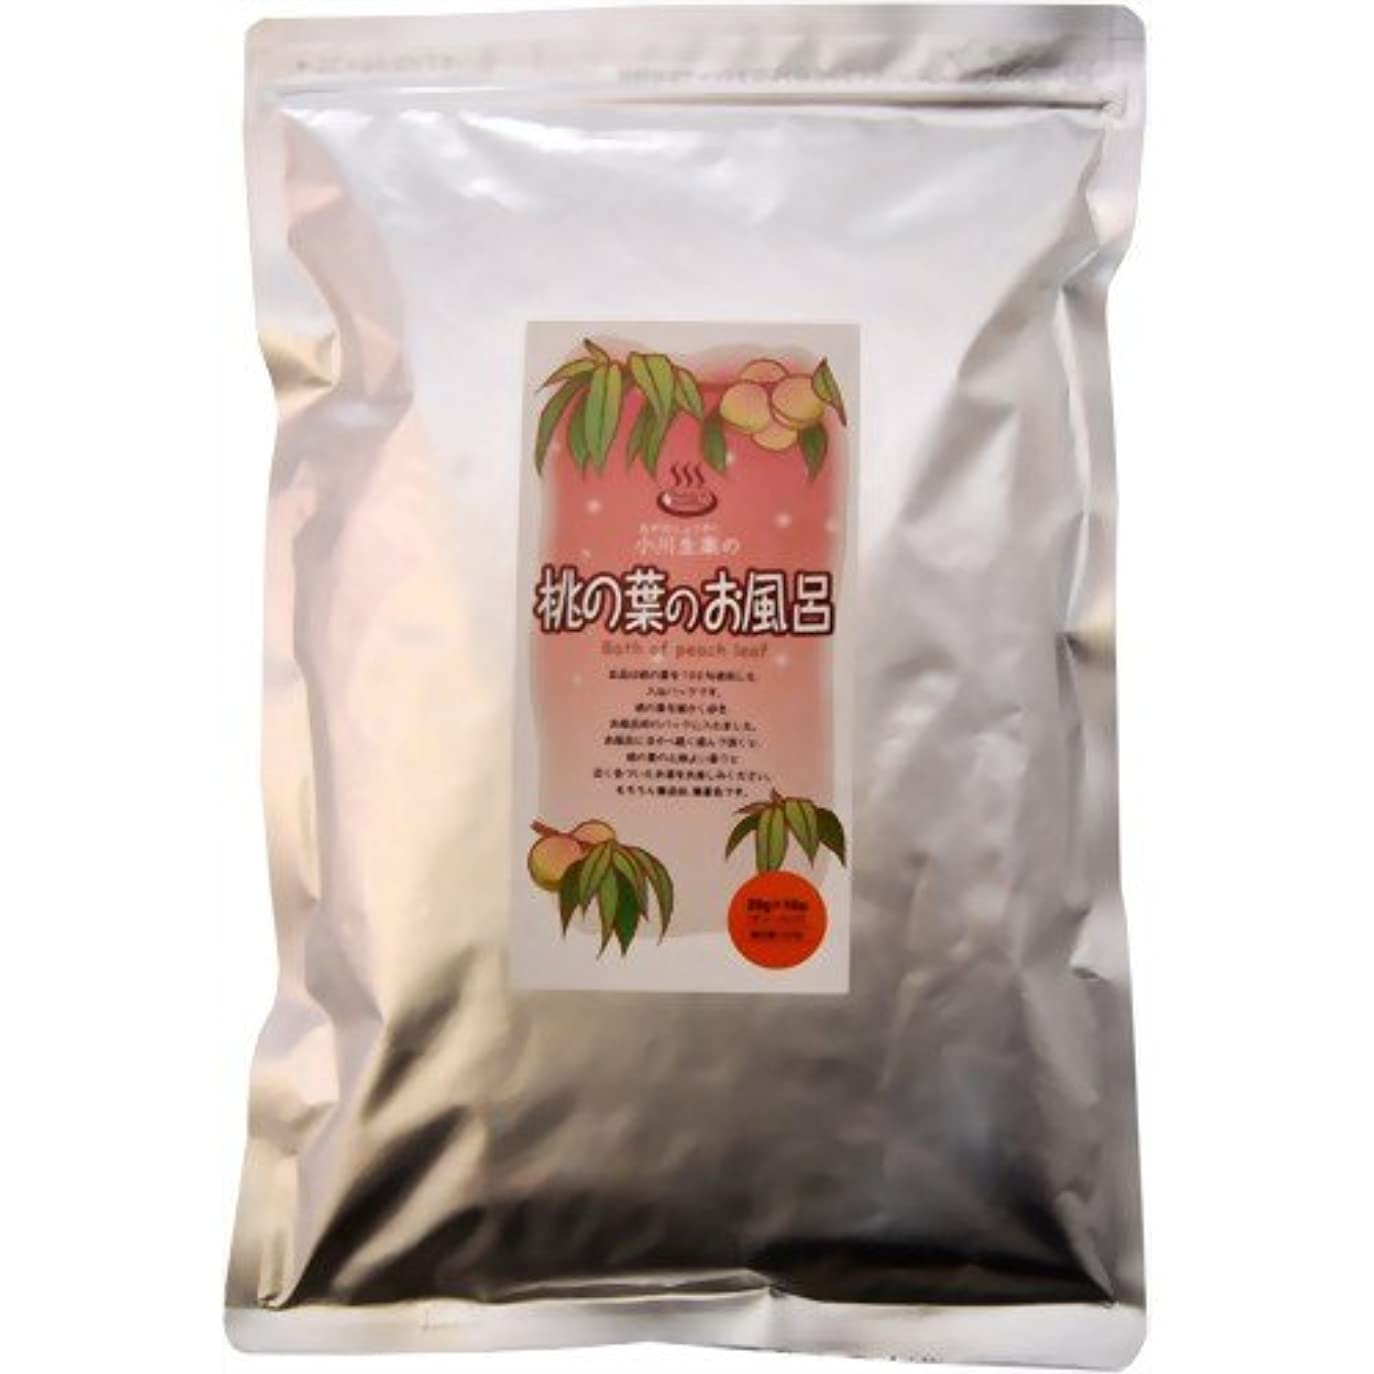 異邦人スケジュール農学小川生薬の桃の葉のお風呂 20g*10袋